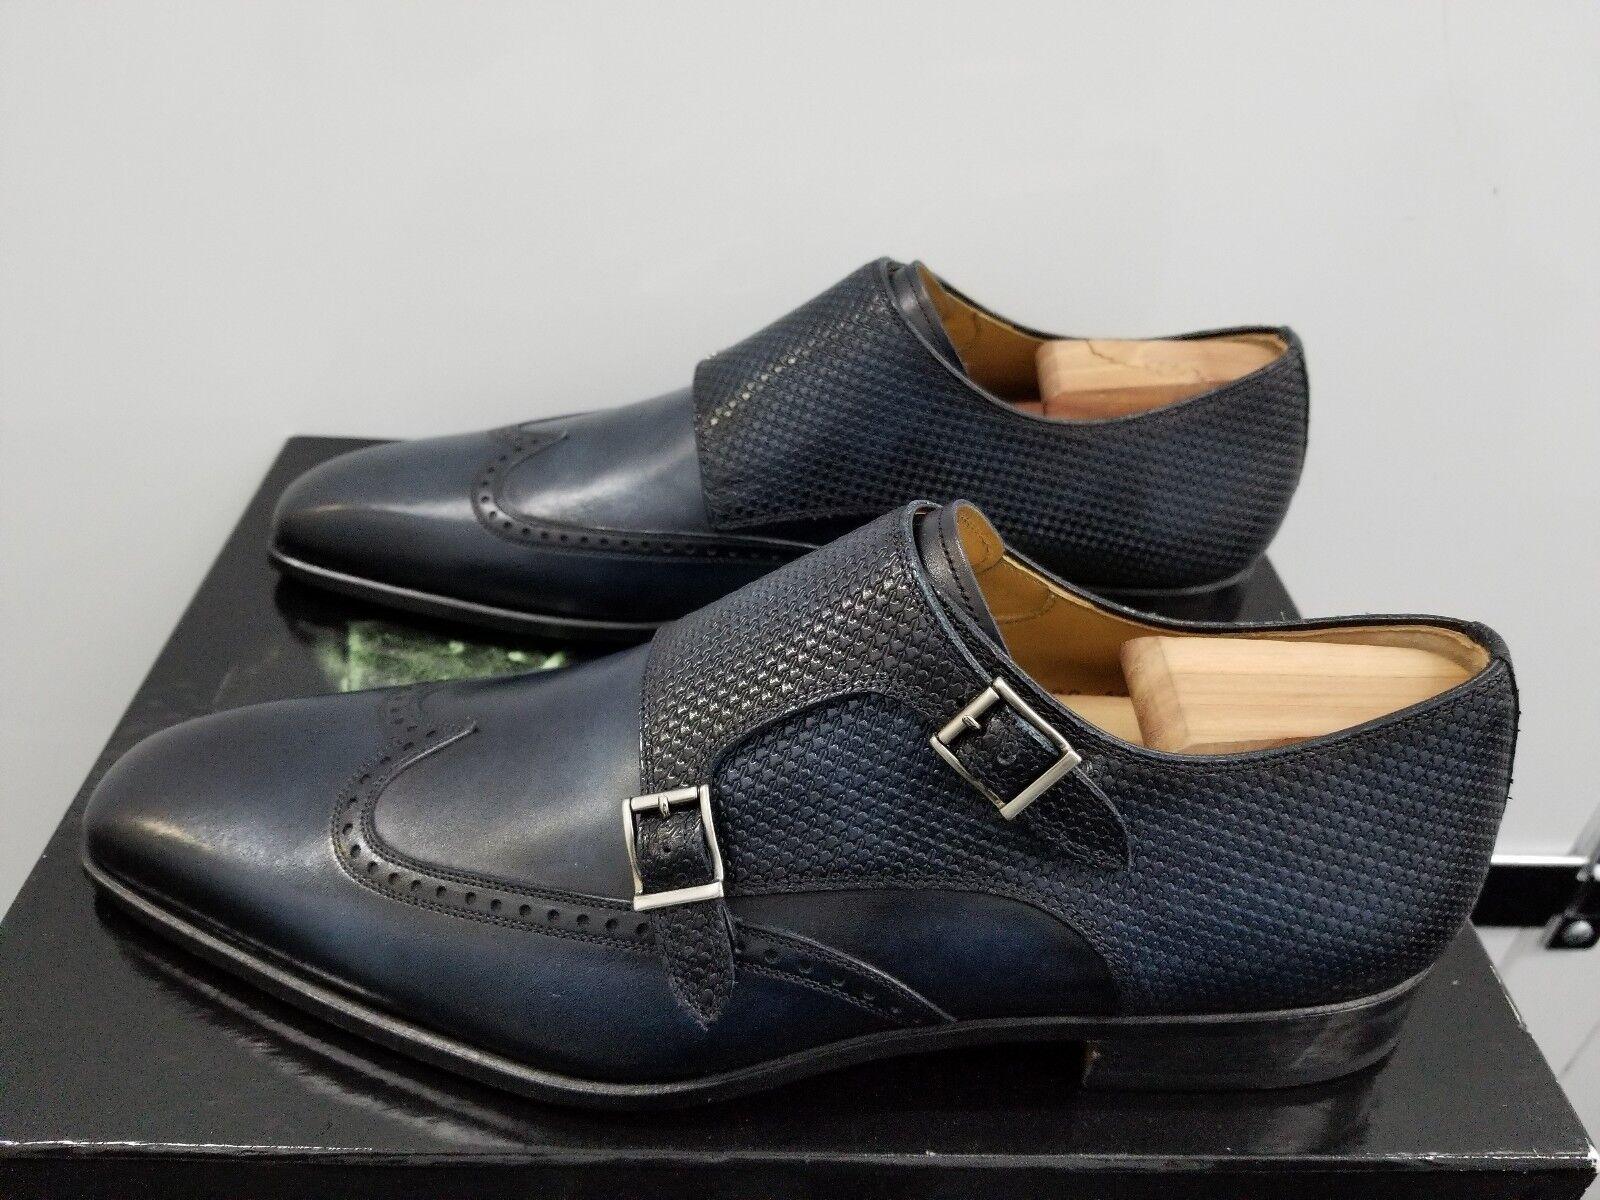 acquisto limitato Magnanni Casta Double Monk Strap Wingtips Loafers - Navy Navy Navy Leather - Dimensione  11 M  vendita con alto sconto